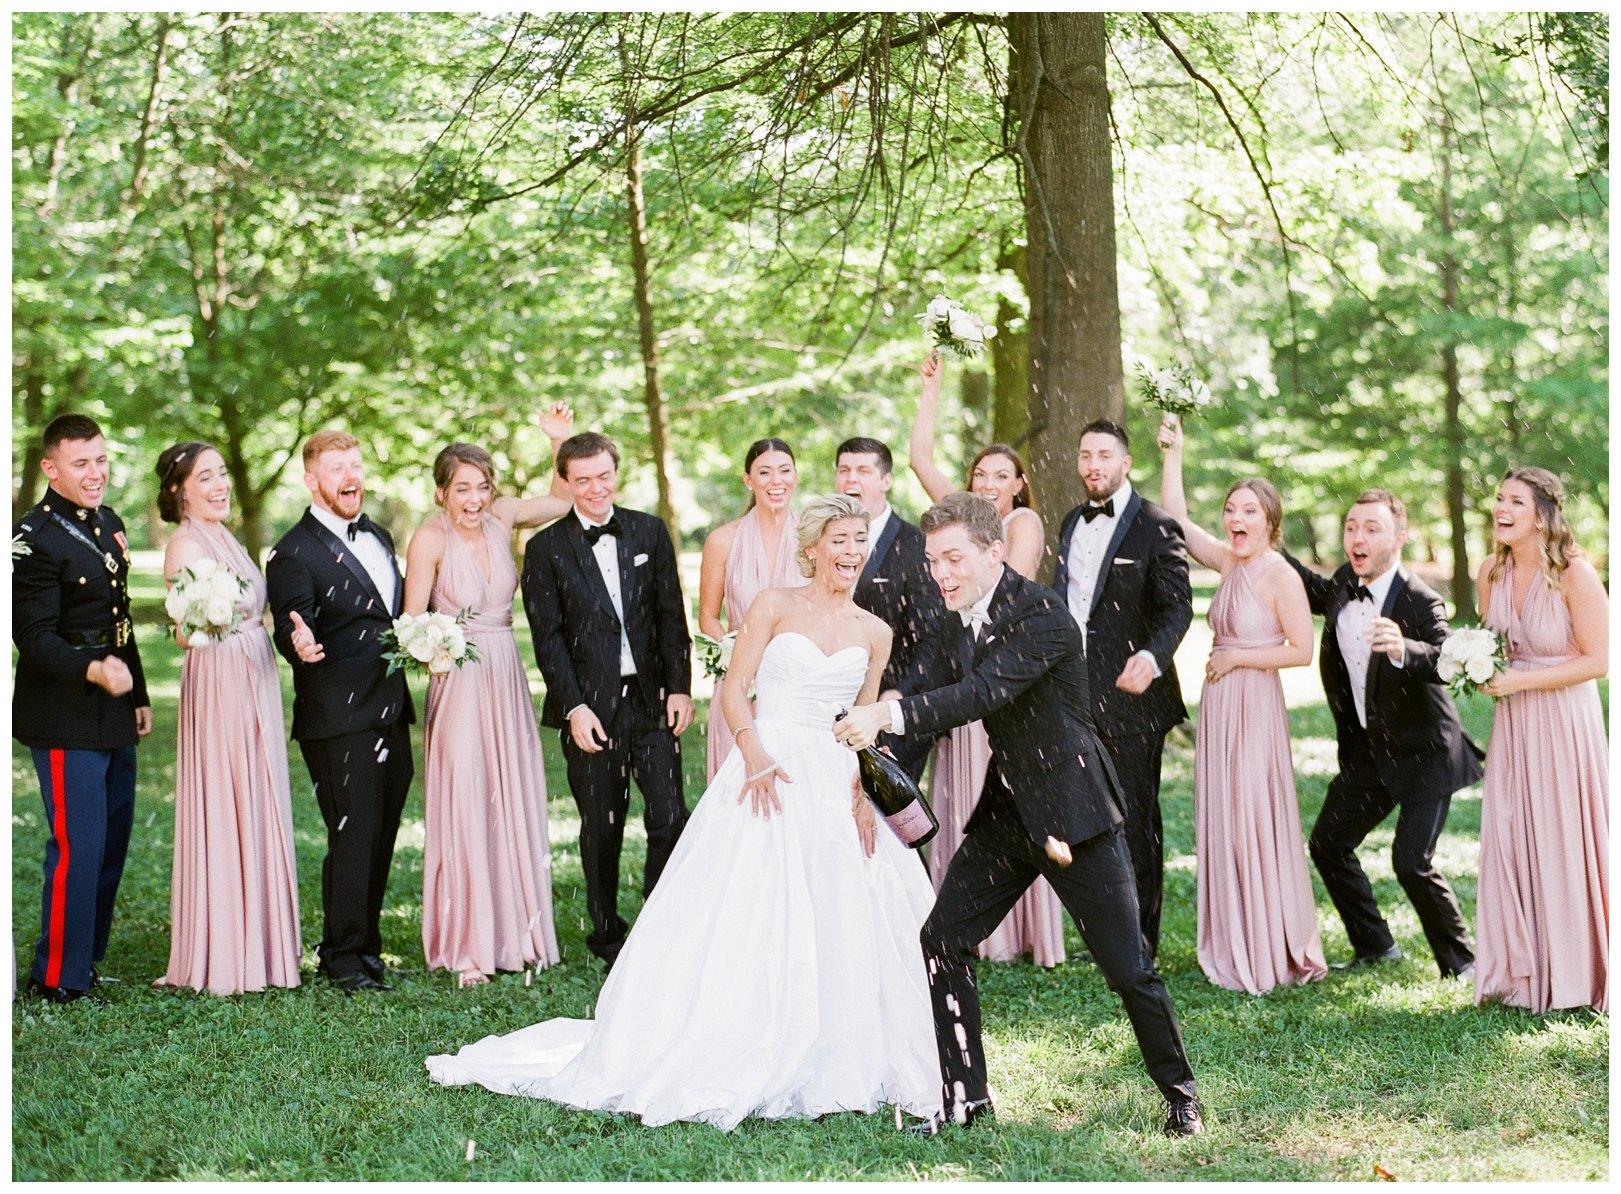 lauren muckler photography_fine art film wedding photography_st louis_photography_3535.jpg